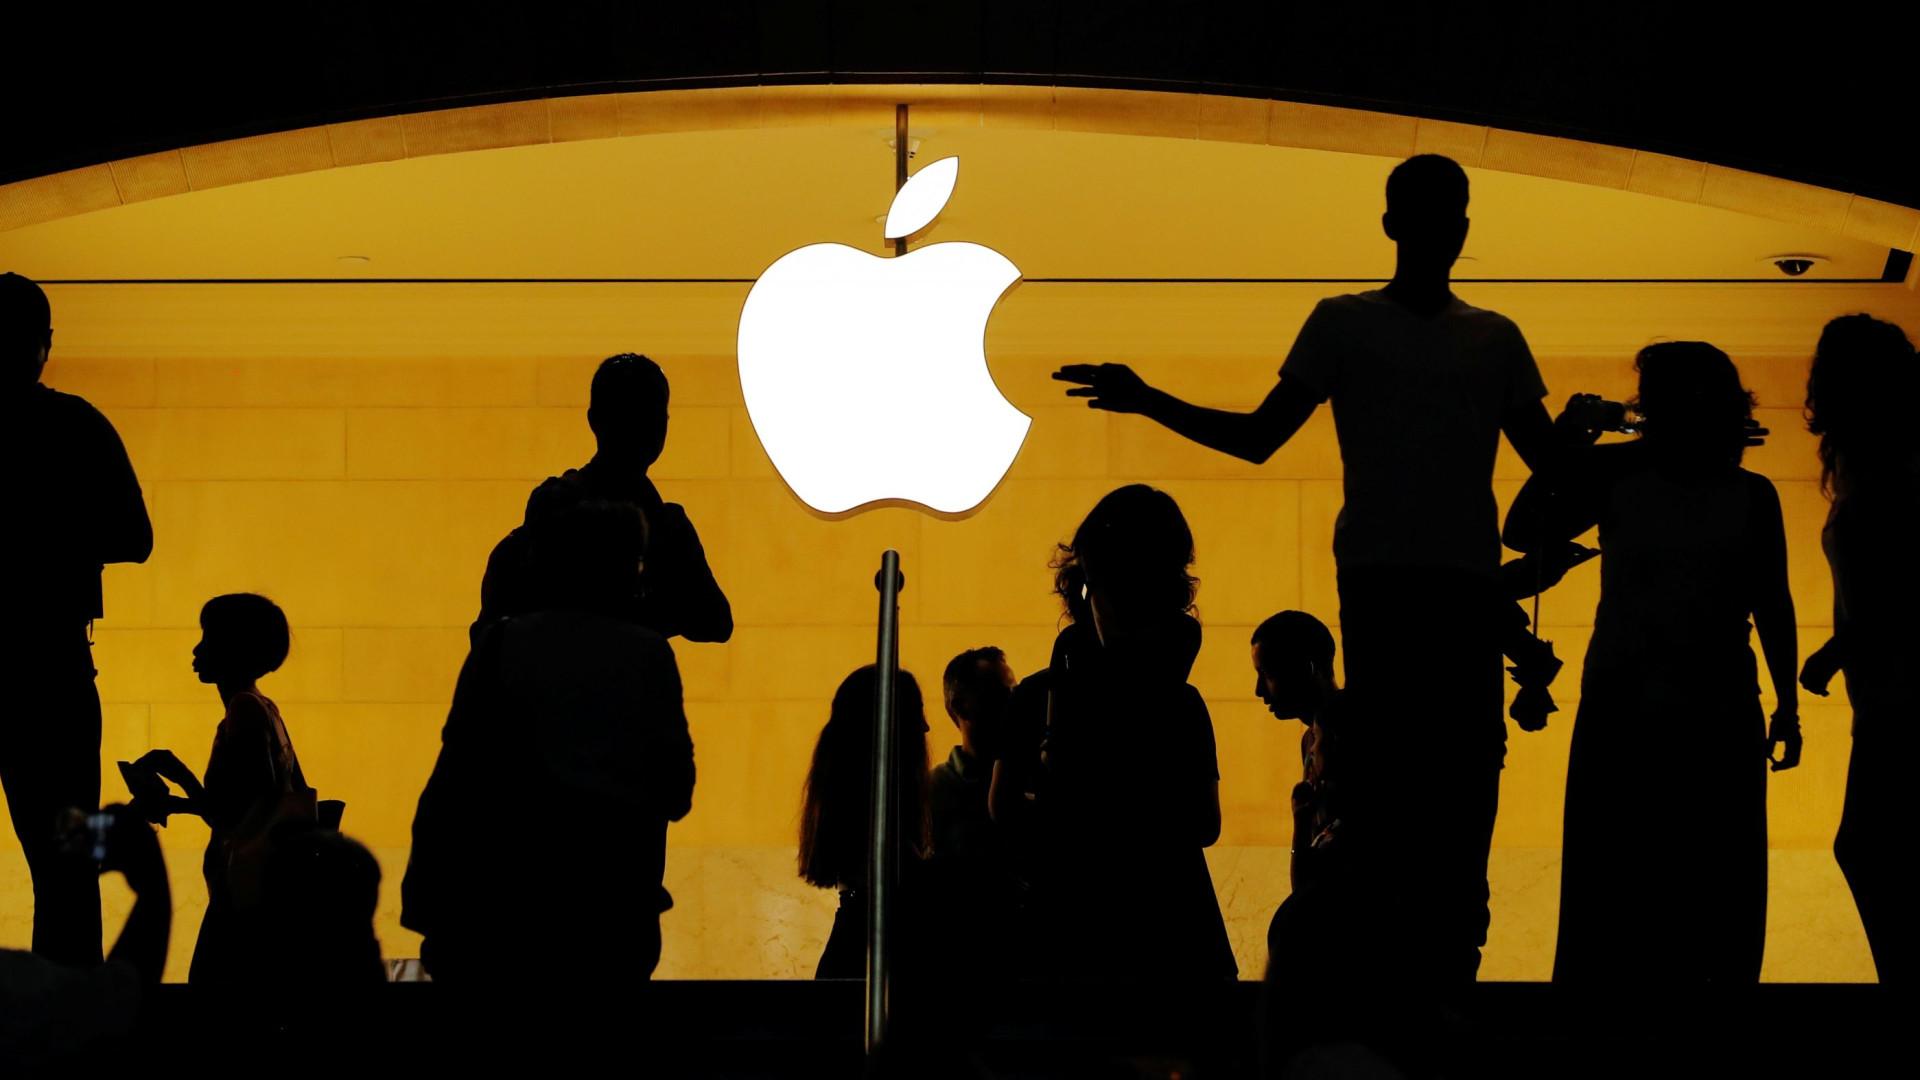 Imagem revela uma das novidades da câmara do próximo iPhone